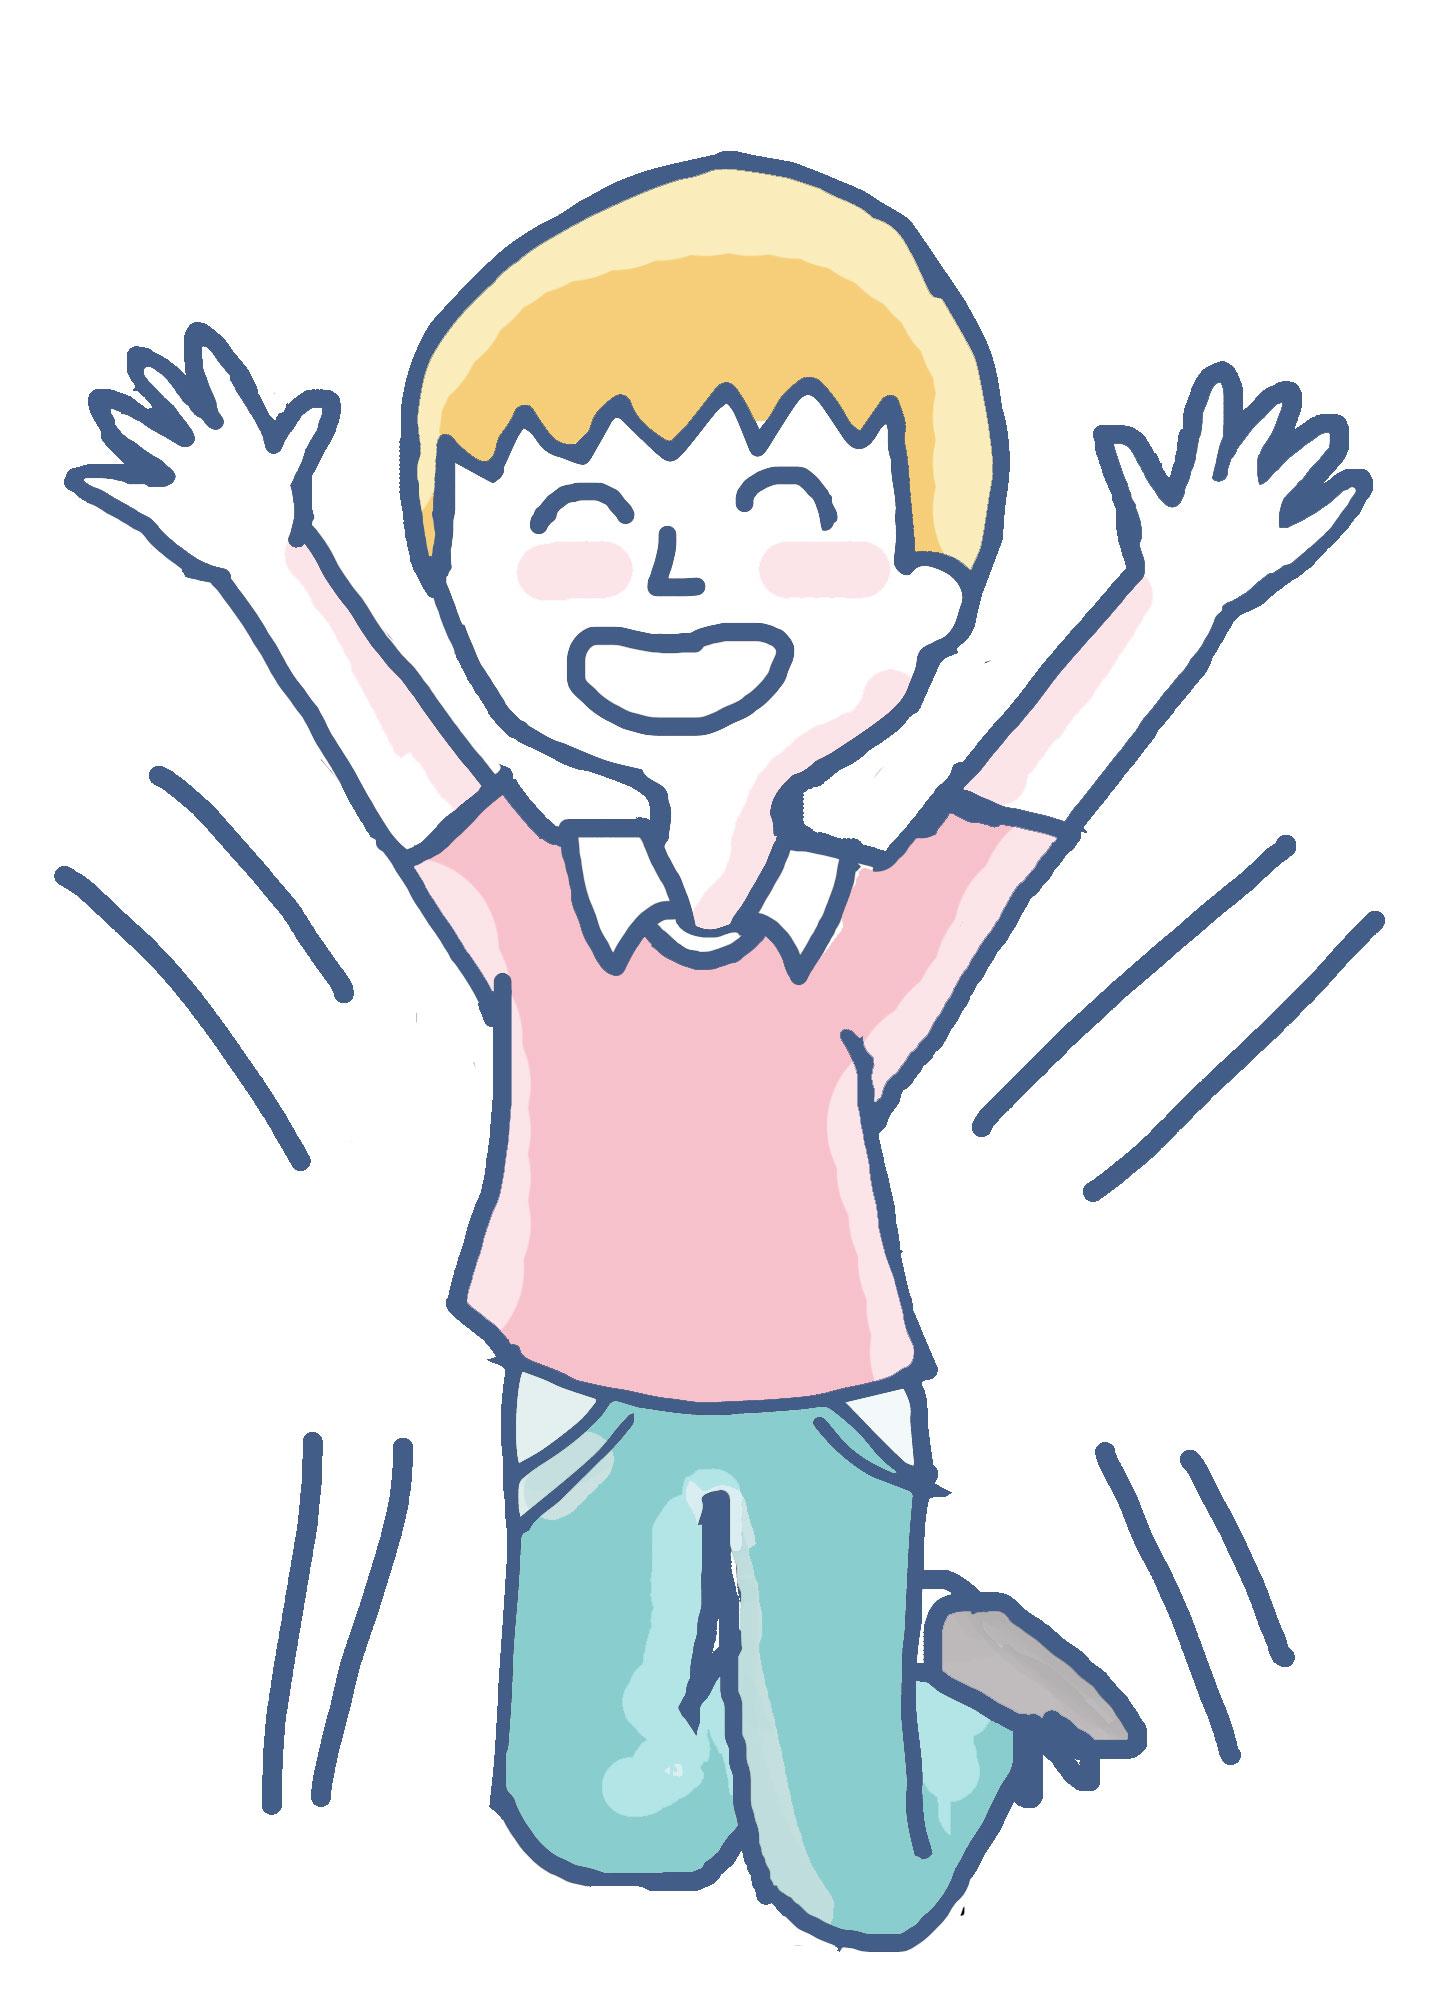 sintomas tdah niños 6 años